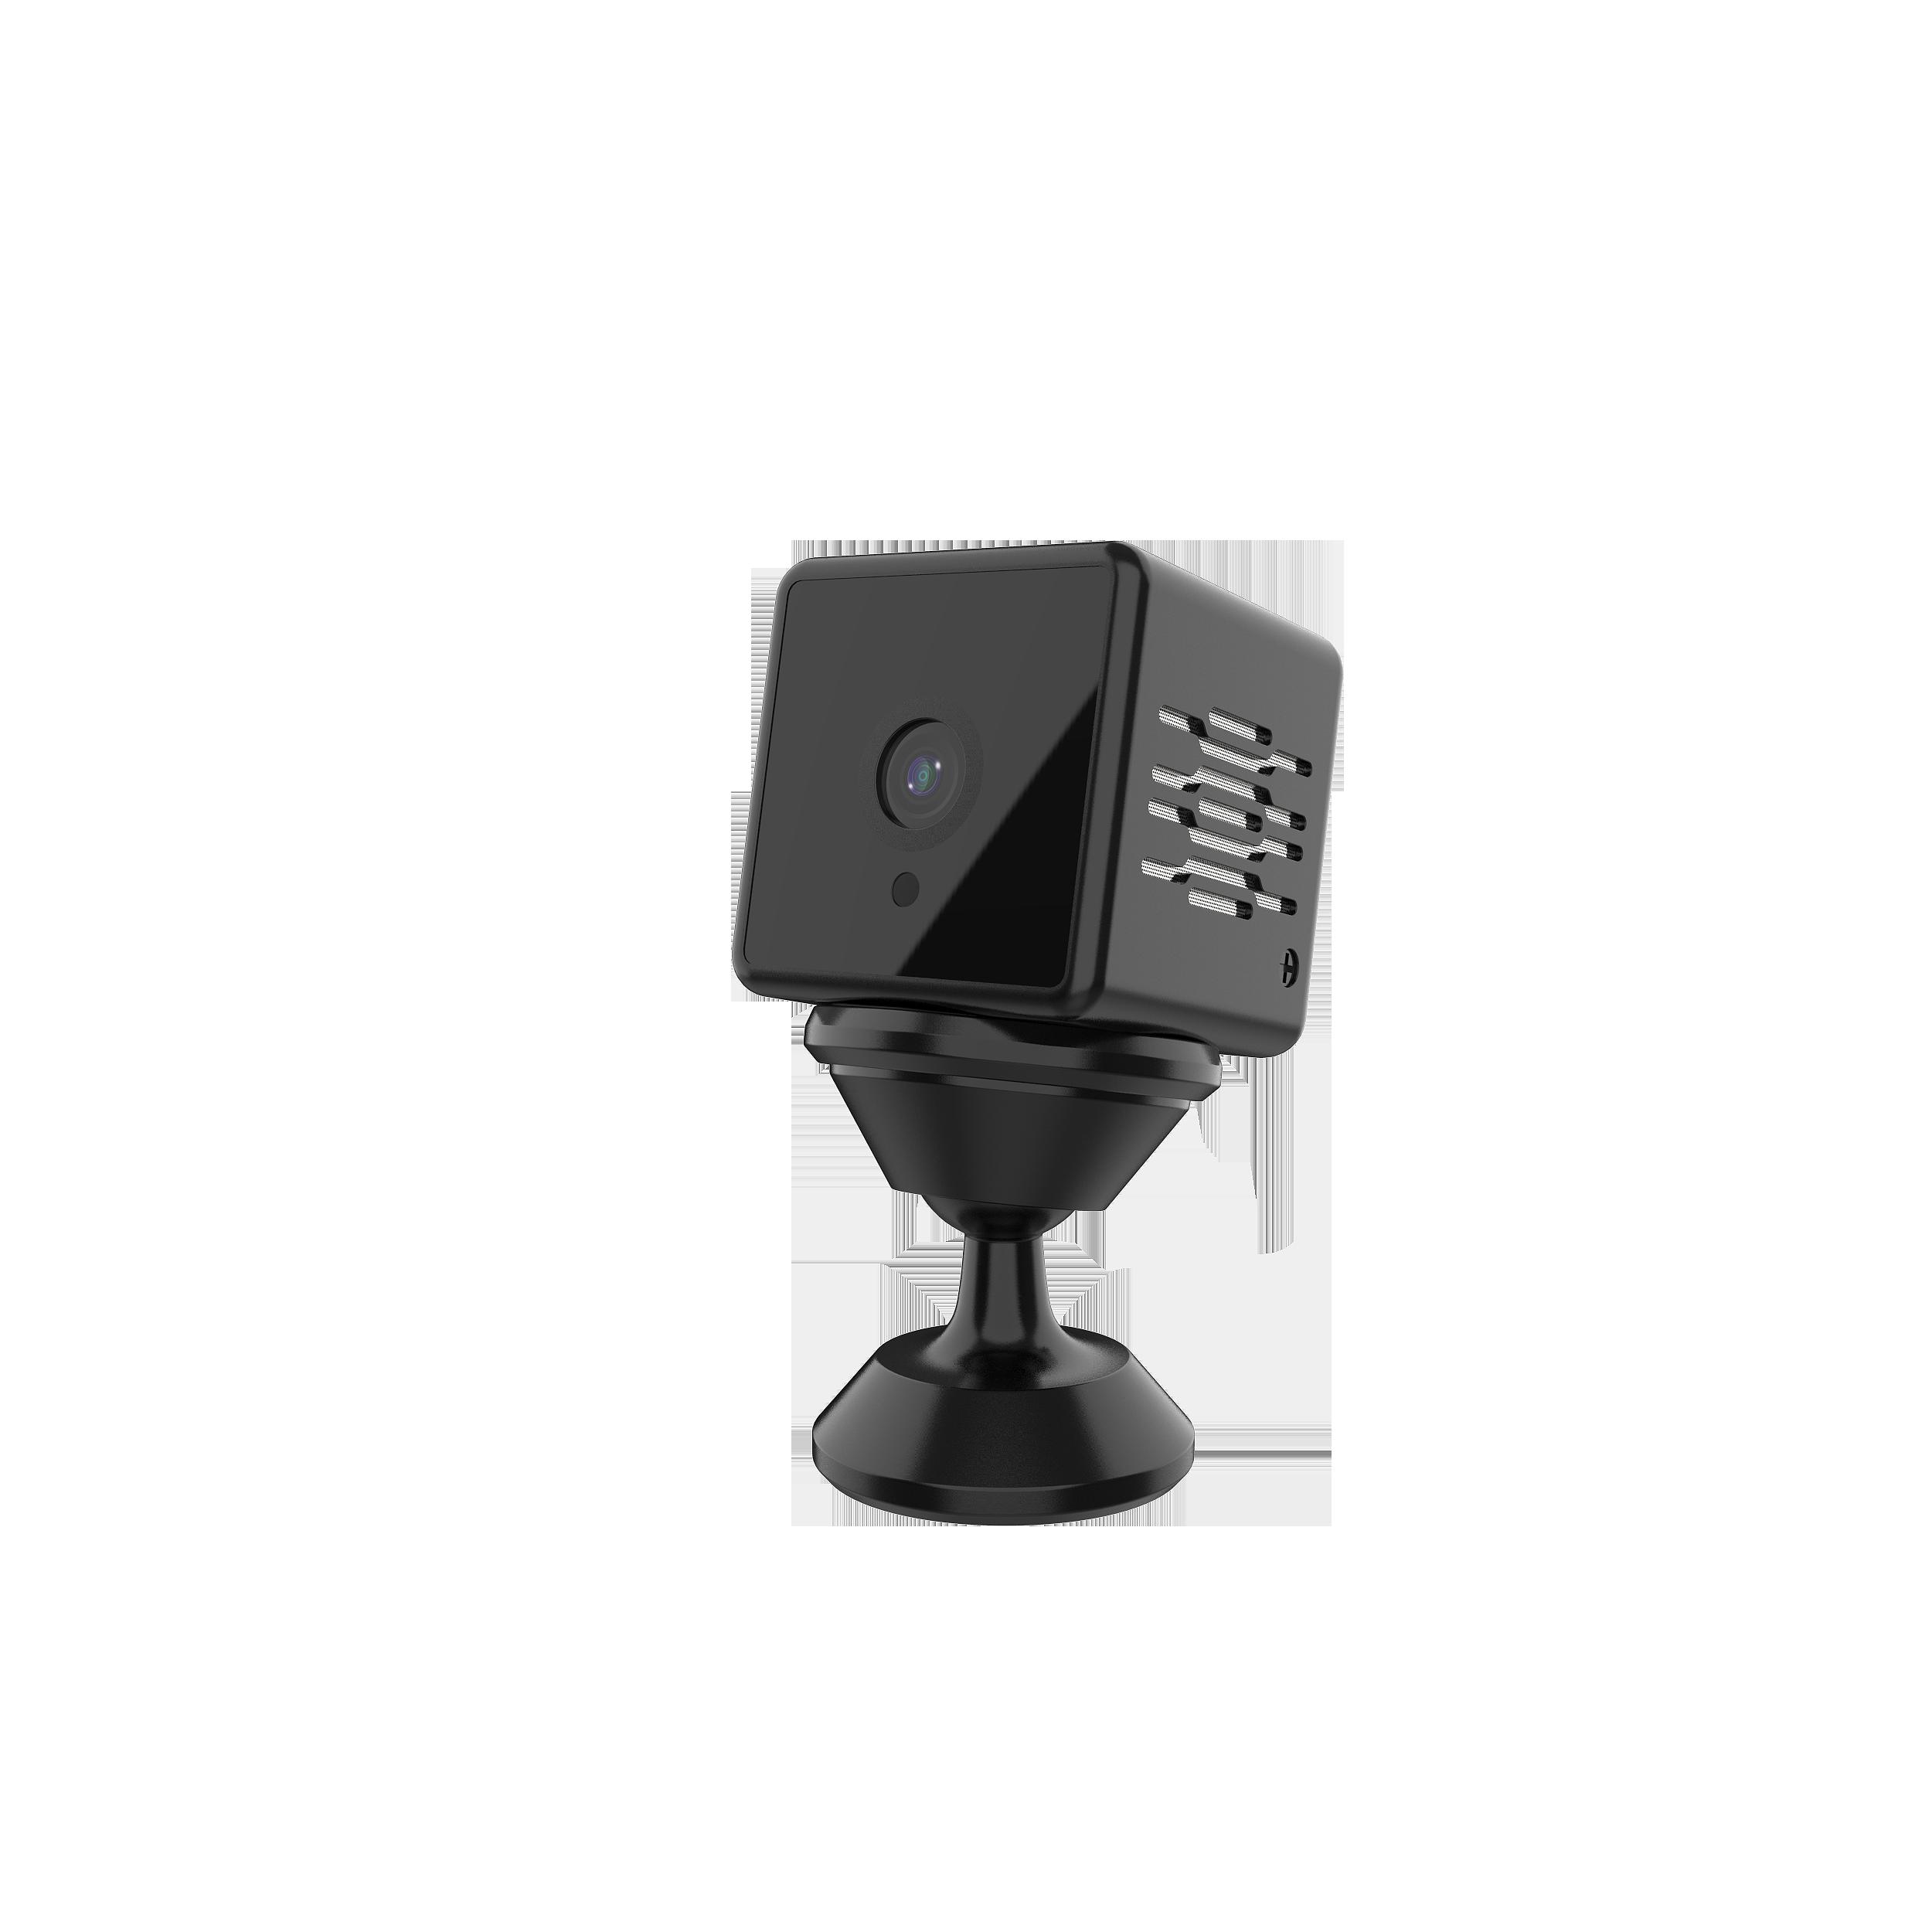 Mini WiFi camera Outdoor Camera 1080p HD camera night vision Theft prevention Mall camera Sports DV Mobile detection auto alarm